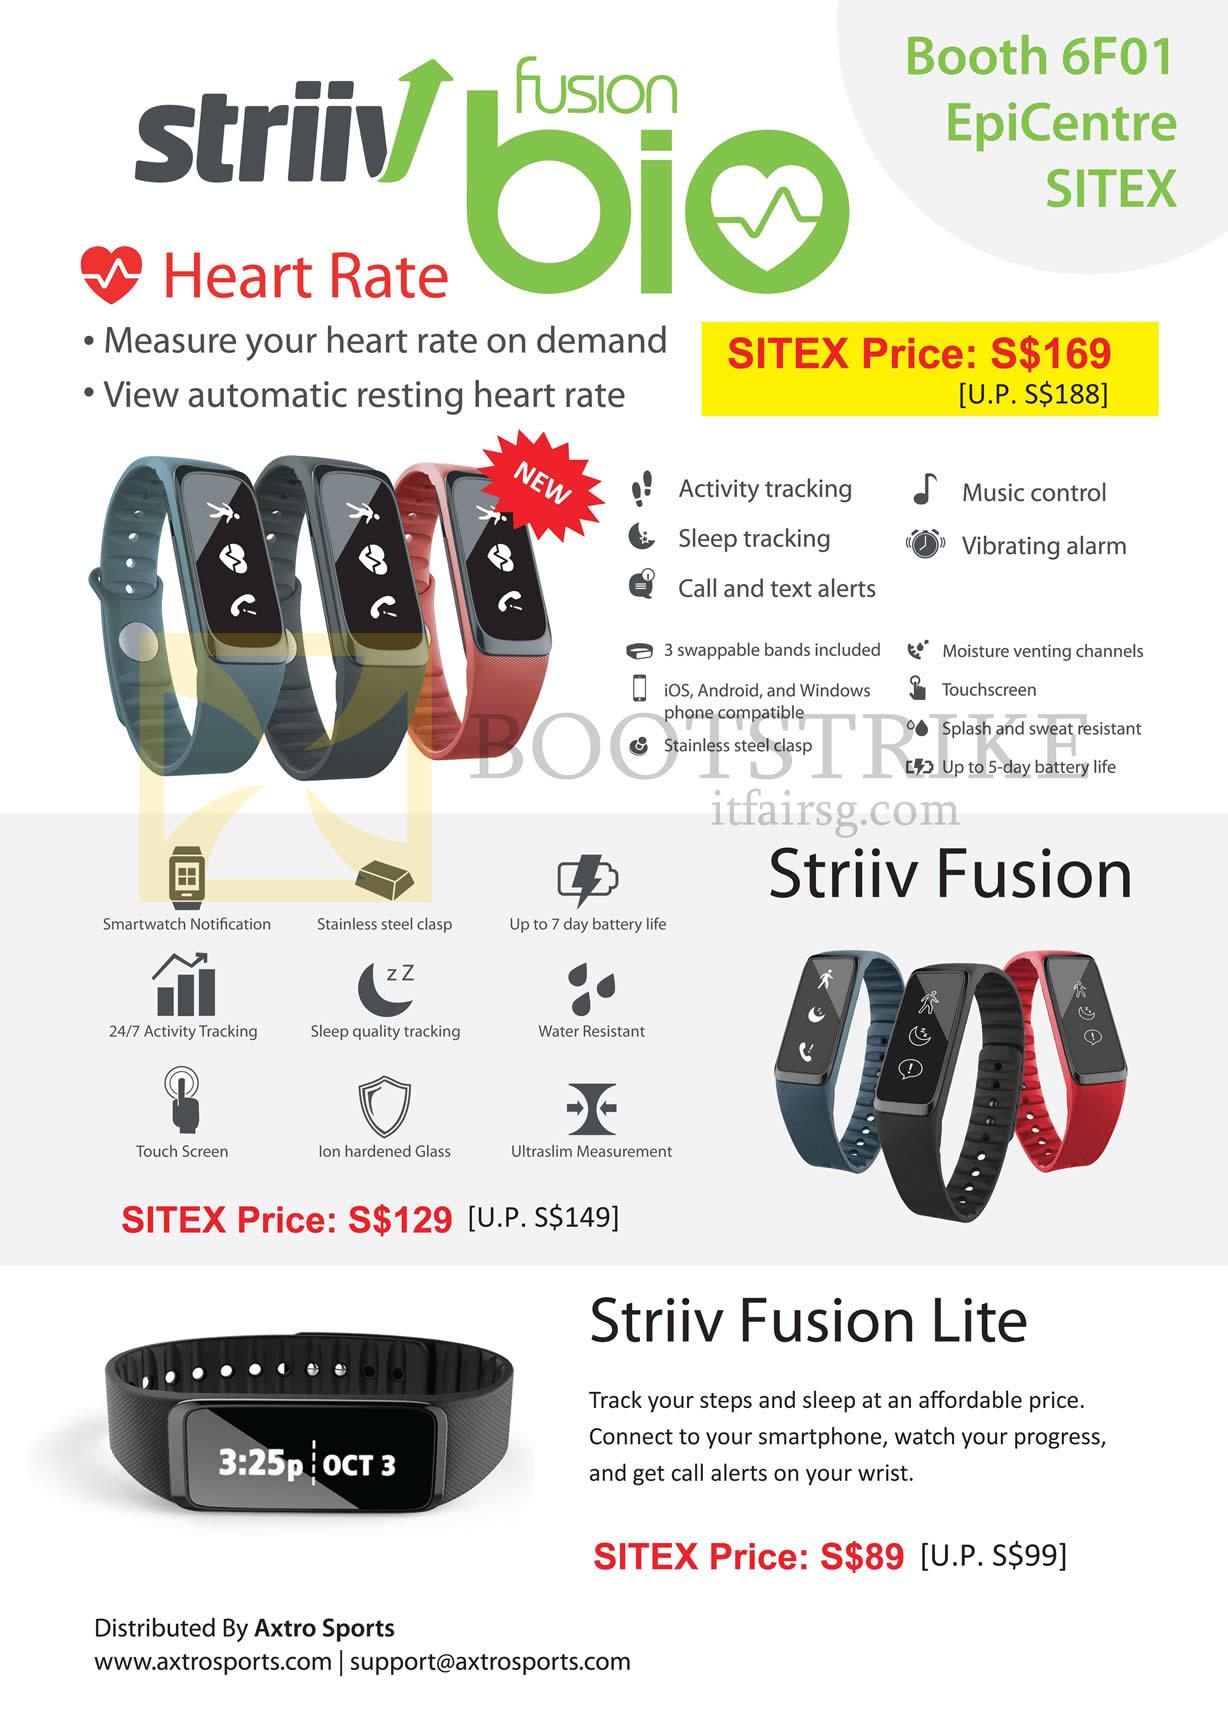 SITEX 2015 price list image brochure of Epicentre Striiv Fusion Bio Heart Rate, Striiv Fusion, Fusion Lite